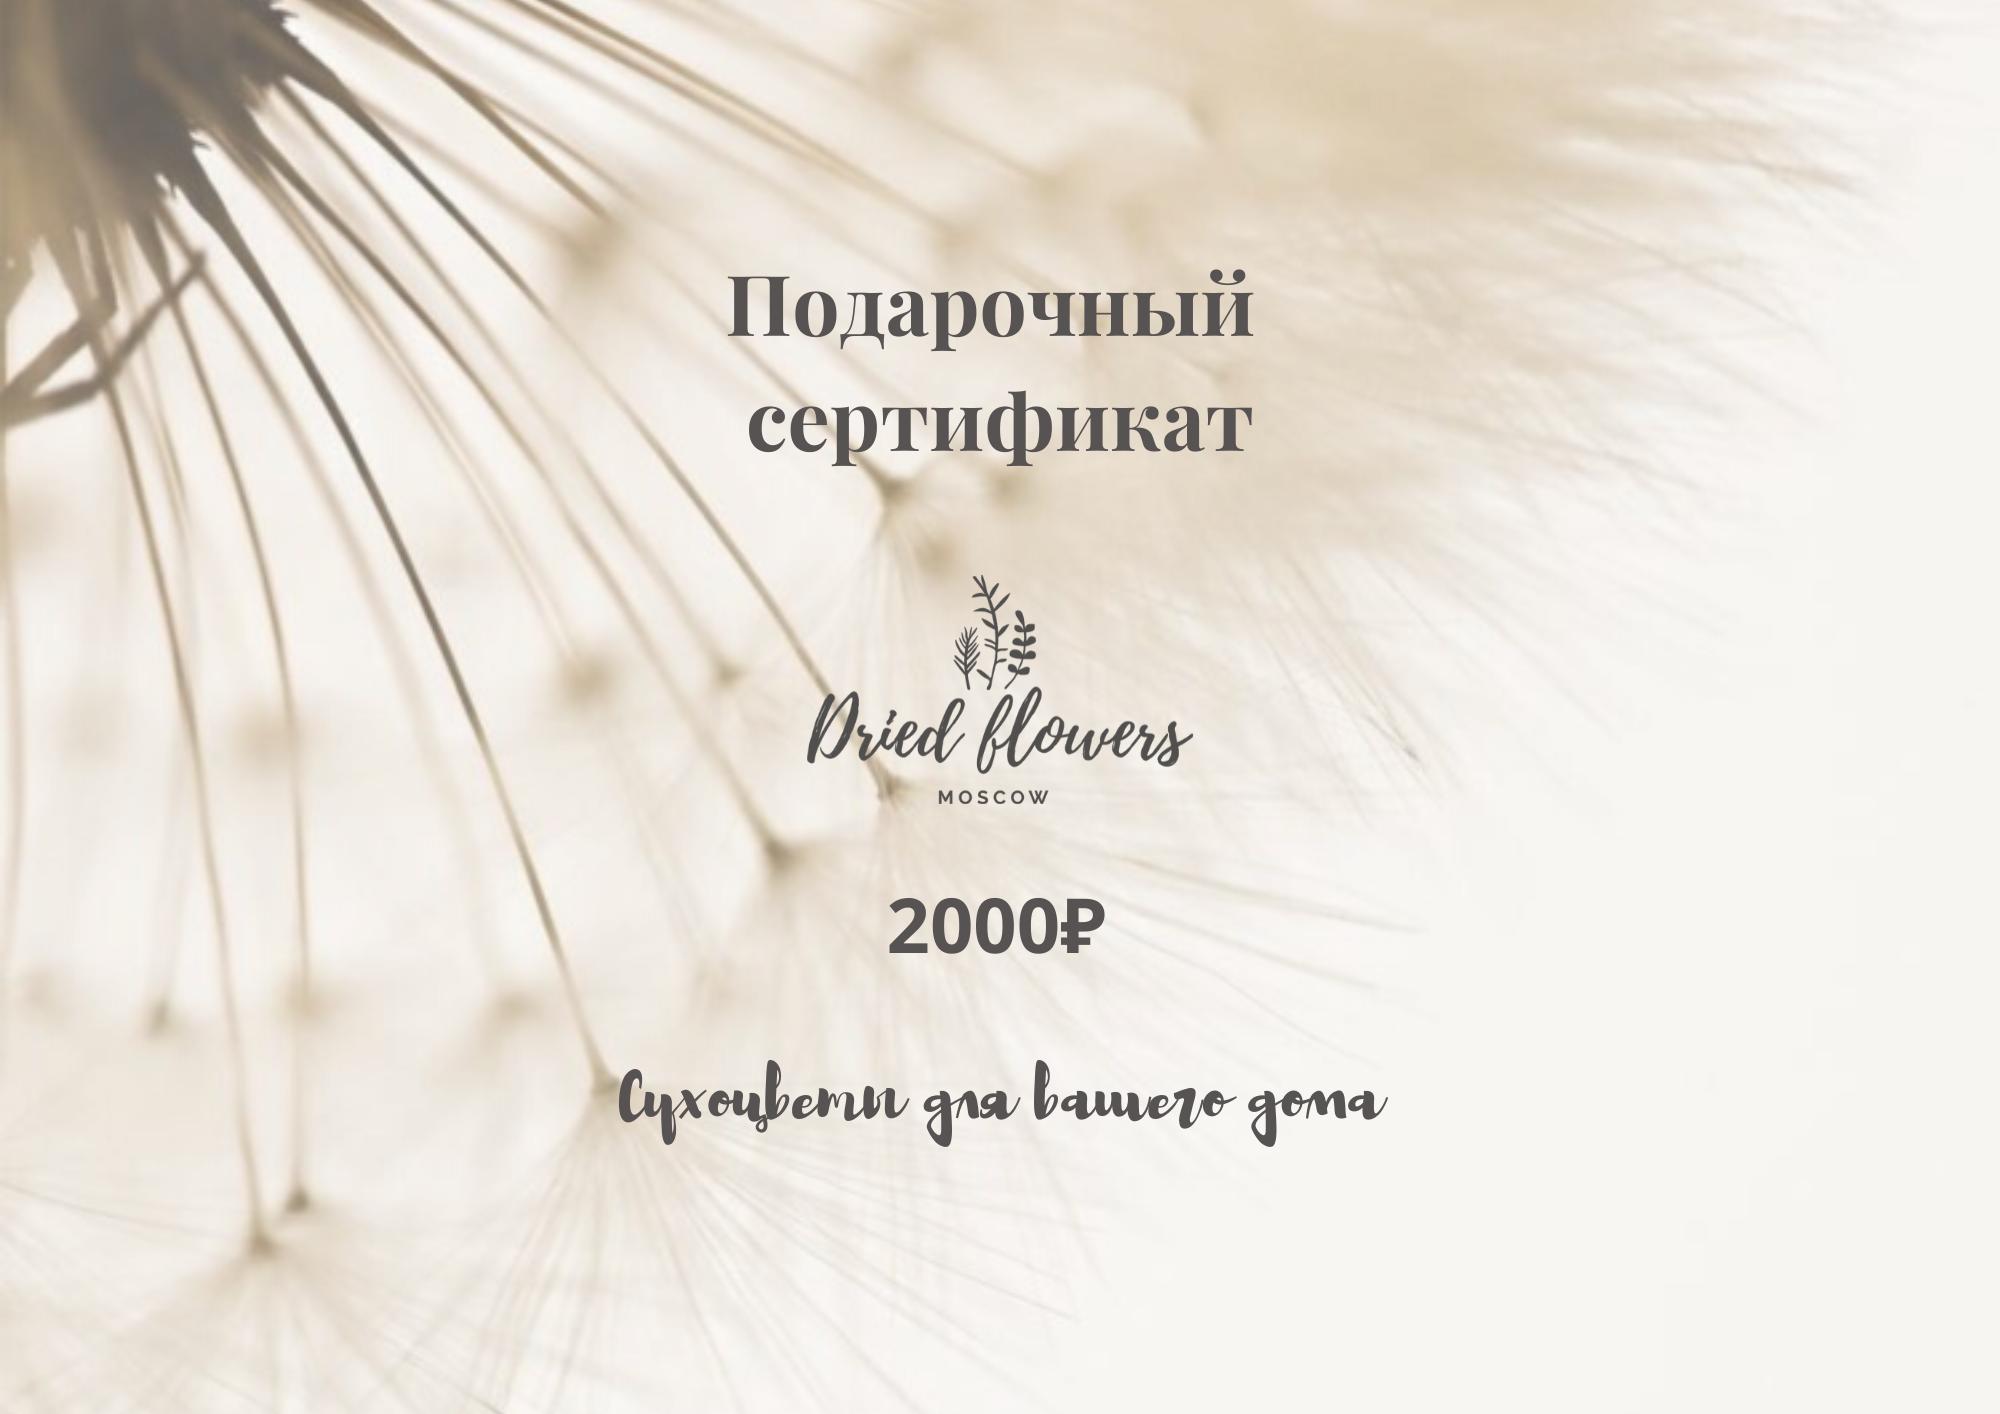 Подарочный сертификат на 2.000 рублей/Dried Flowers Moscow